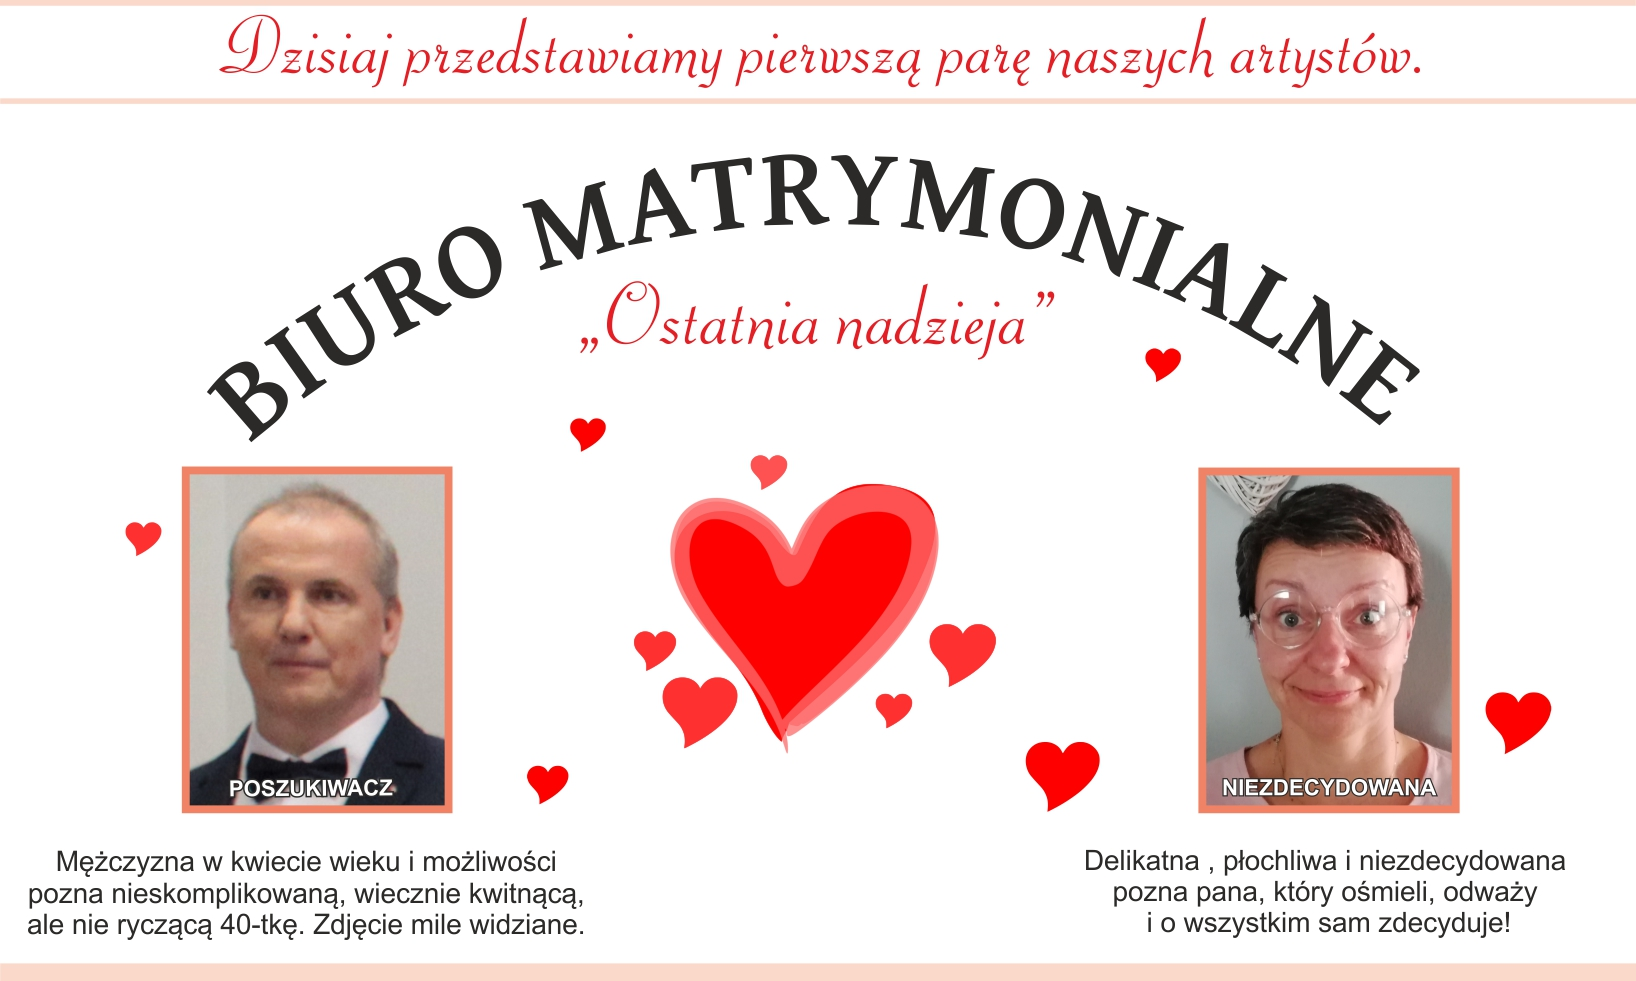 """plakat przedstawia napis; Biuro matrymonialne """"Ostatnaia nadzieja"""". Fotografie wykonawców: poszukiwacz i Niezdecydowana oraz charakterystykę."""